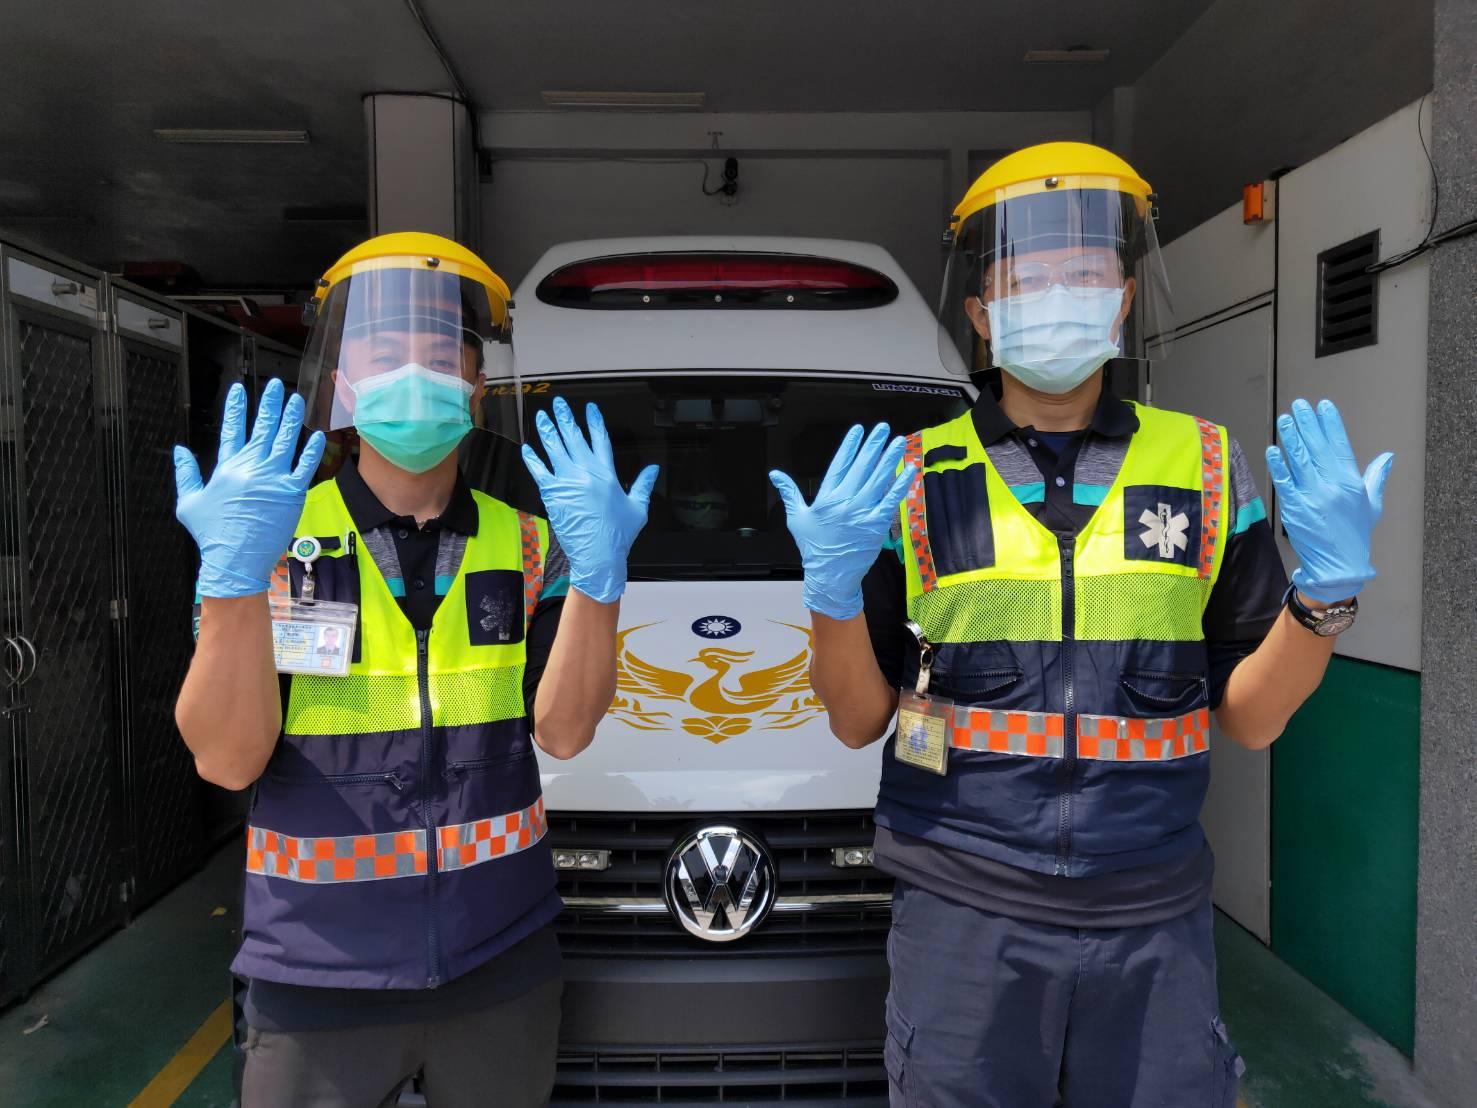 彰化縣消防局即日起執行緊急救護勤務 常規配戴非拋棄式半罩式面鏡